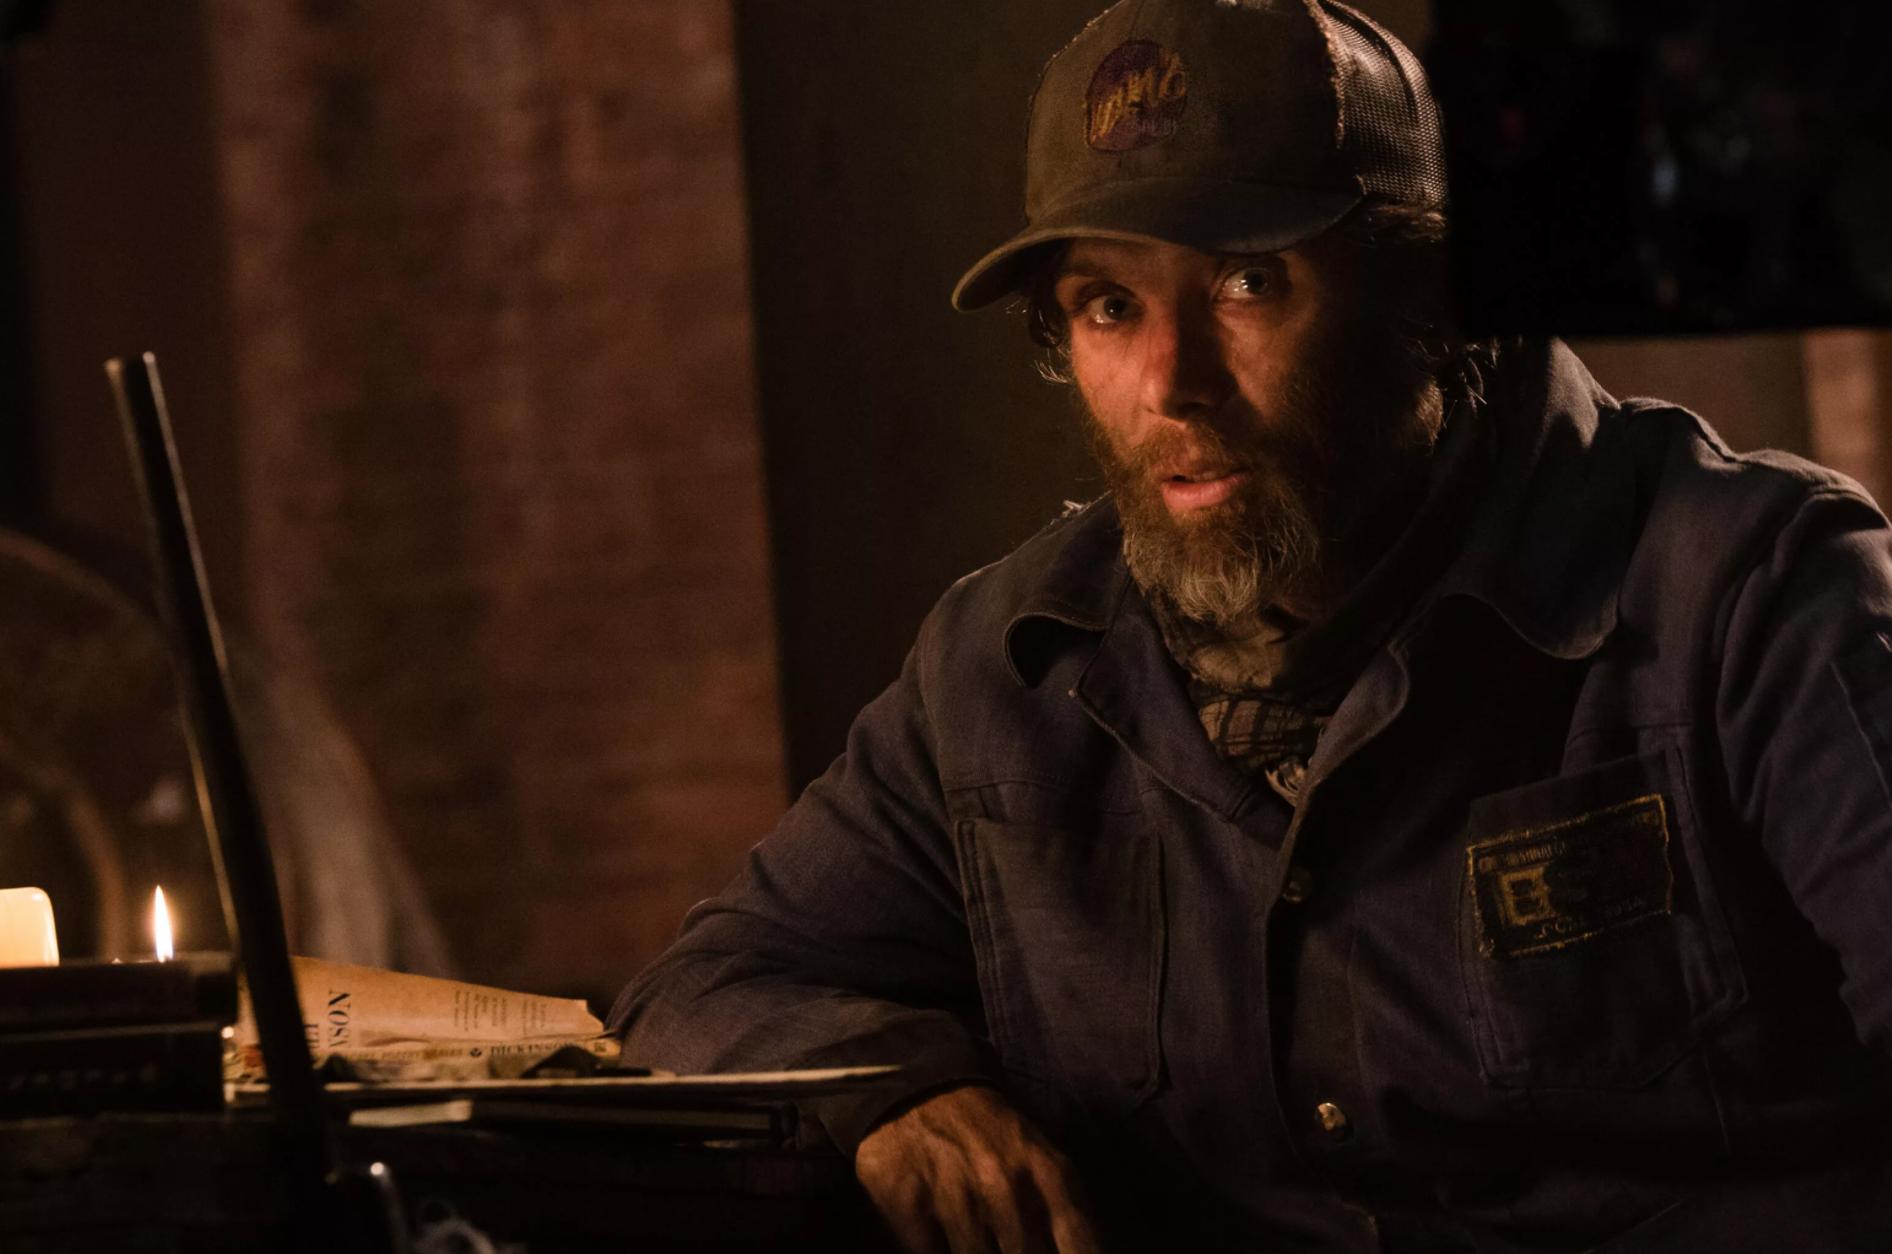 Film Review of A Quiet Place Part 2 starring Cillian Murphy as Emmett